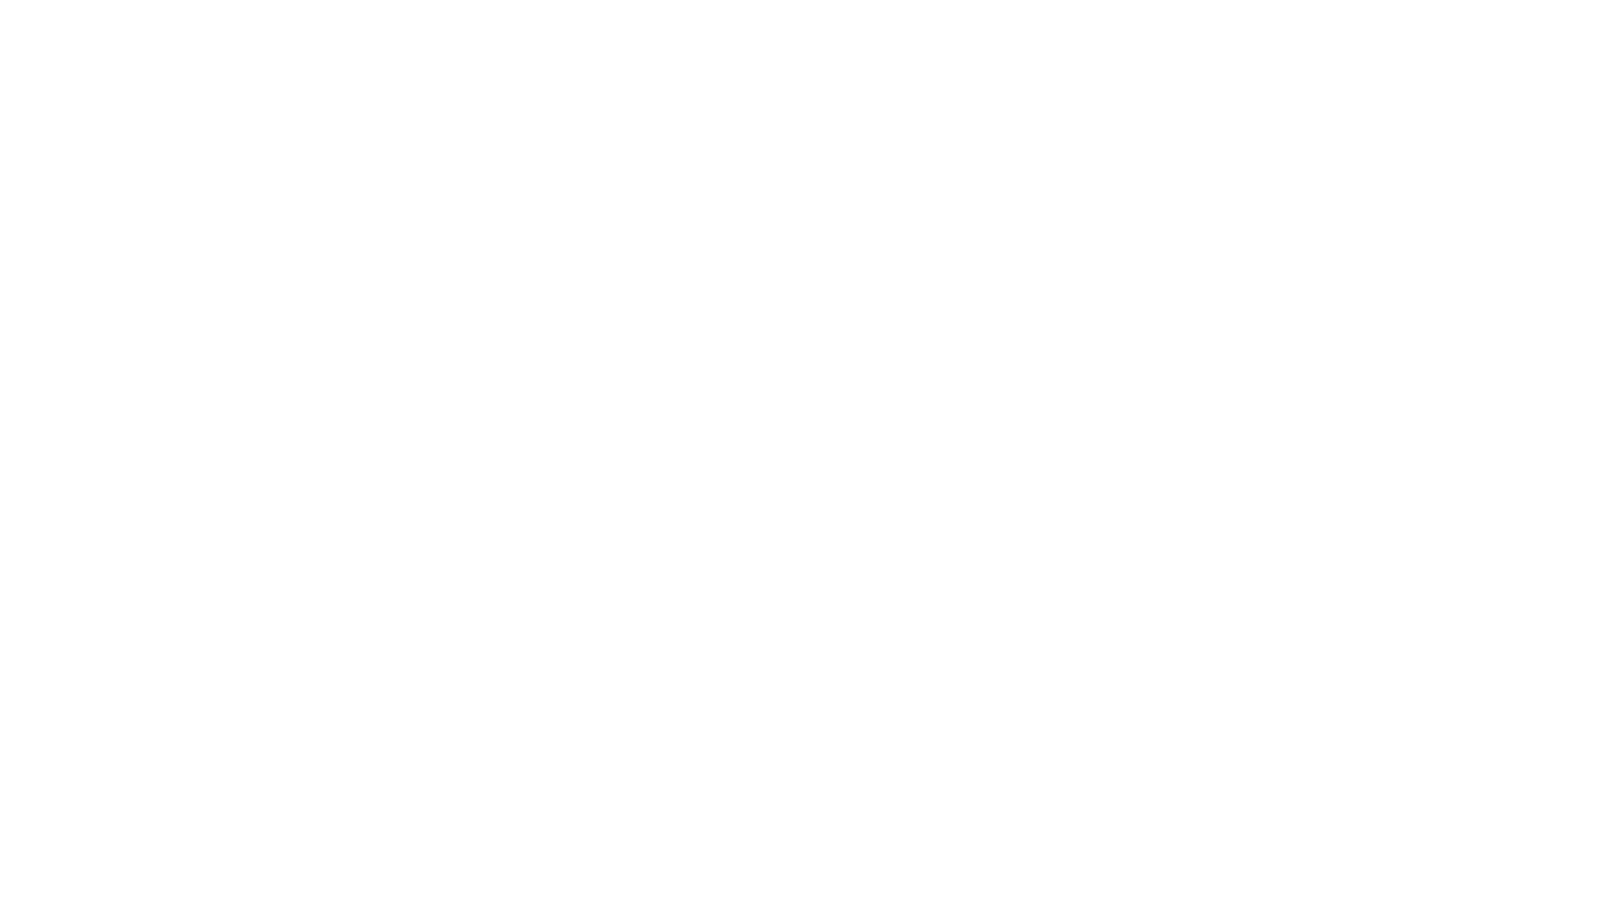 En el presente vídeo queremos mostraros el patinete eléctrico  ICE Q5 Evolution, un Patinete Eléctrico Potente muy equilibrado por su potencia, Suspensión, Frenos que lo sitúan como uno de los más vendidos en España  🛴  Links de compra : 🛒  - ICE Q5 Evolution 52 18,2 Ah: https://rodando.es/tienda/ice-q5-evolution-52v-18-ah/ - ICE Q5 Evolution 52 V 23 Ah: https://rodando.es/tienda/ice-q5-evolution-52v-23-ah/ - ICE Q5 Evolution MAX 60 V  21 Ah con Frenos NUTT: https://rodando.es/tienda/ice-q5-evolution-max-60v-21-ah-lg-samsung-nutt/  Ruedas Patinete: https://rodando.es/tienda/neumatico-ice-q5-80-65-6-10x3-cityroad/  - Gama ICE: https://rodando.es/categoria-producto...  Envíos gratuitos a toda la península en 24/48 horas 🎁  📦 (excepto para Repuestos)  PODCAST 🎤 : https://open.spotify.com/show/64Jv6hn...  Te aclaramos todas tus dudas en los comentarios: 👇  Contacto:  ℹ️  https://rodando.es/ 📍 Calle Ribera de las Almadrabillas 5, 04004, Almería.